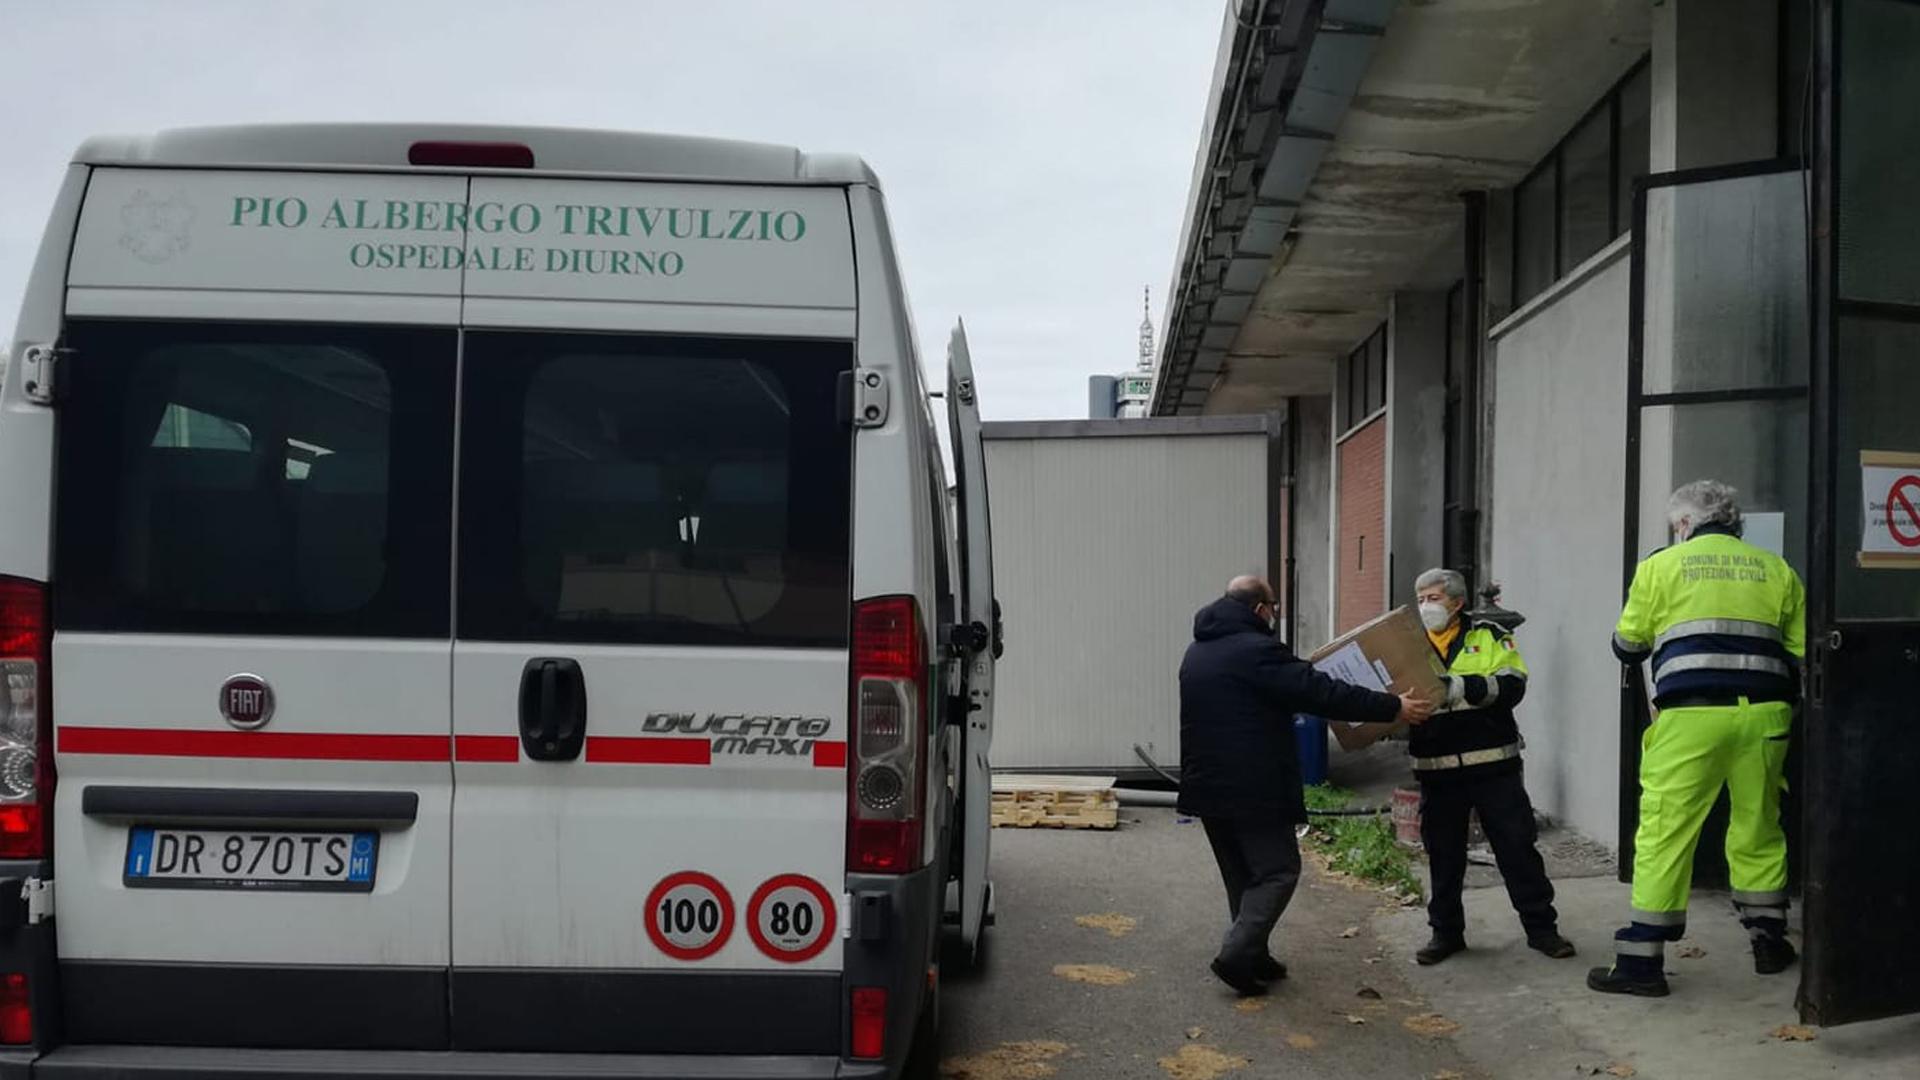 Trivulzio, la sindacalista Delcuratolo commenta la relazione della Commissione d'inchiesta